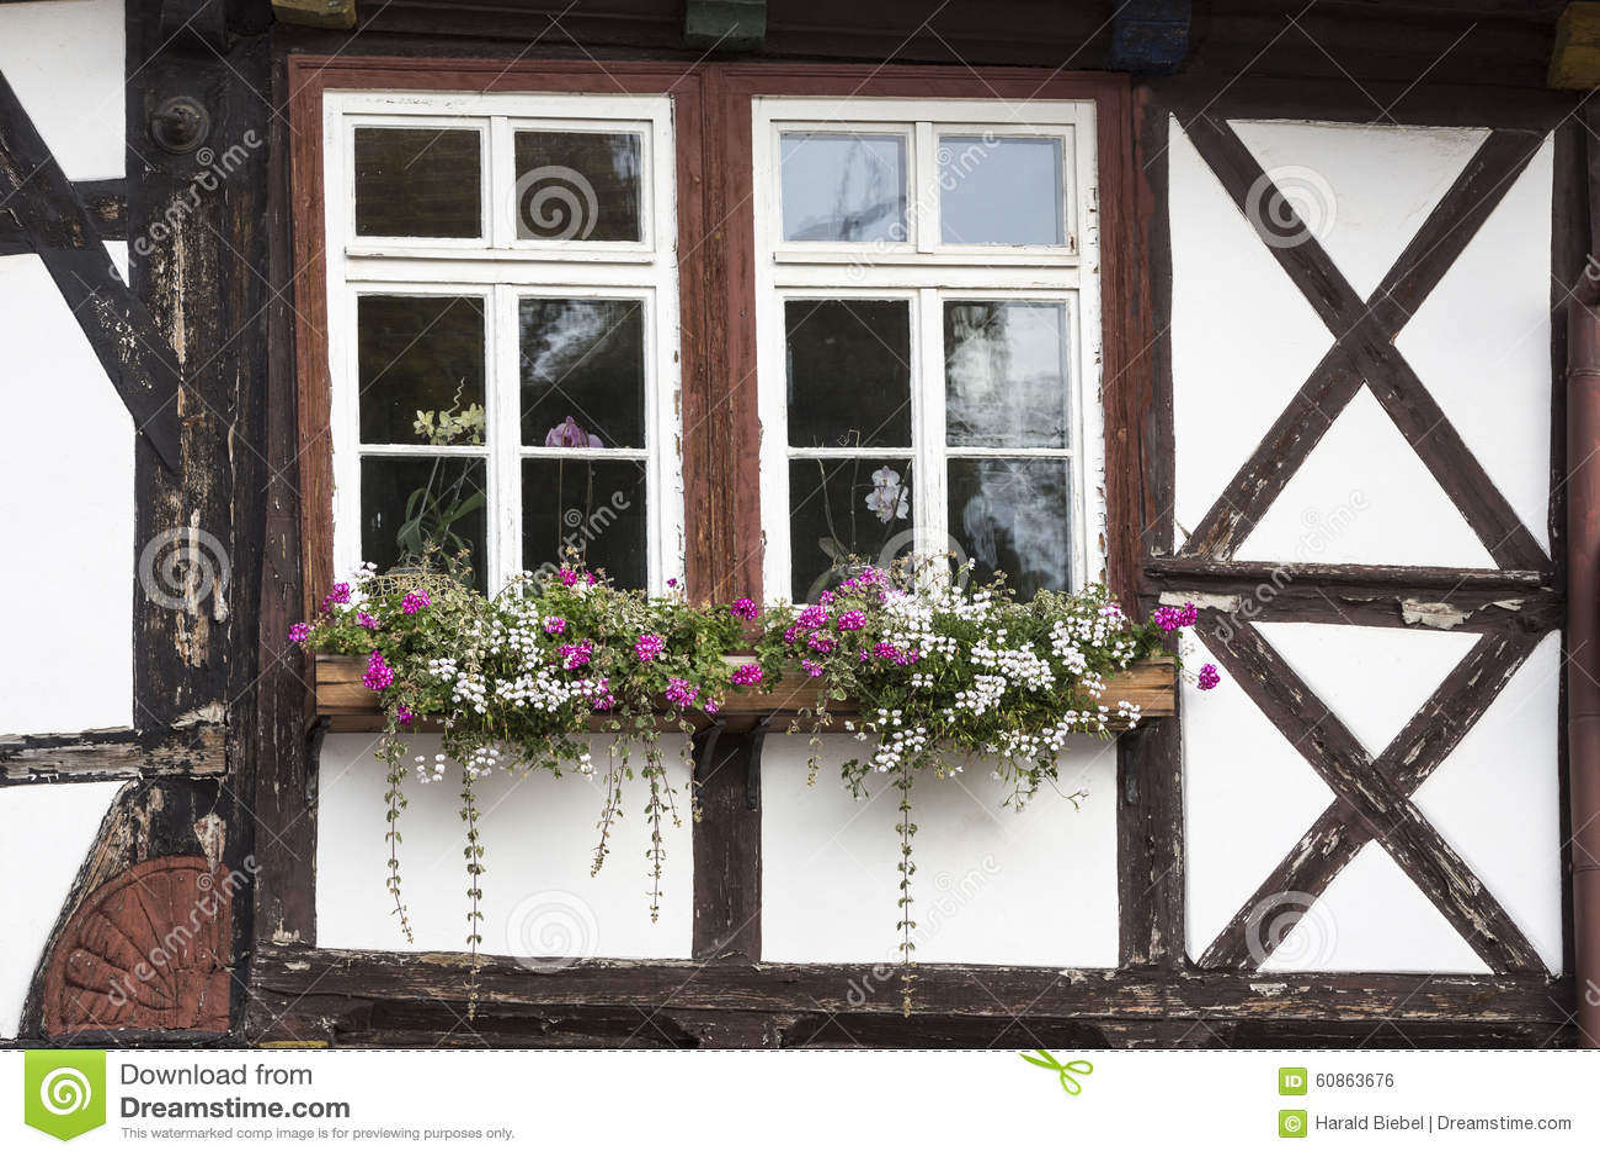 Fen tre avec des fleurs sur une maison colombage photo stock image 60863676 for Fenetre maison